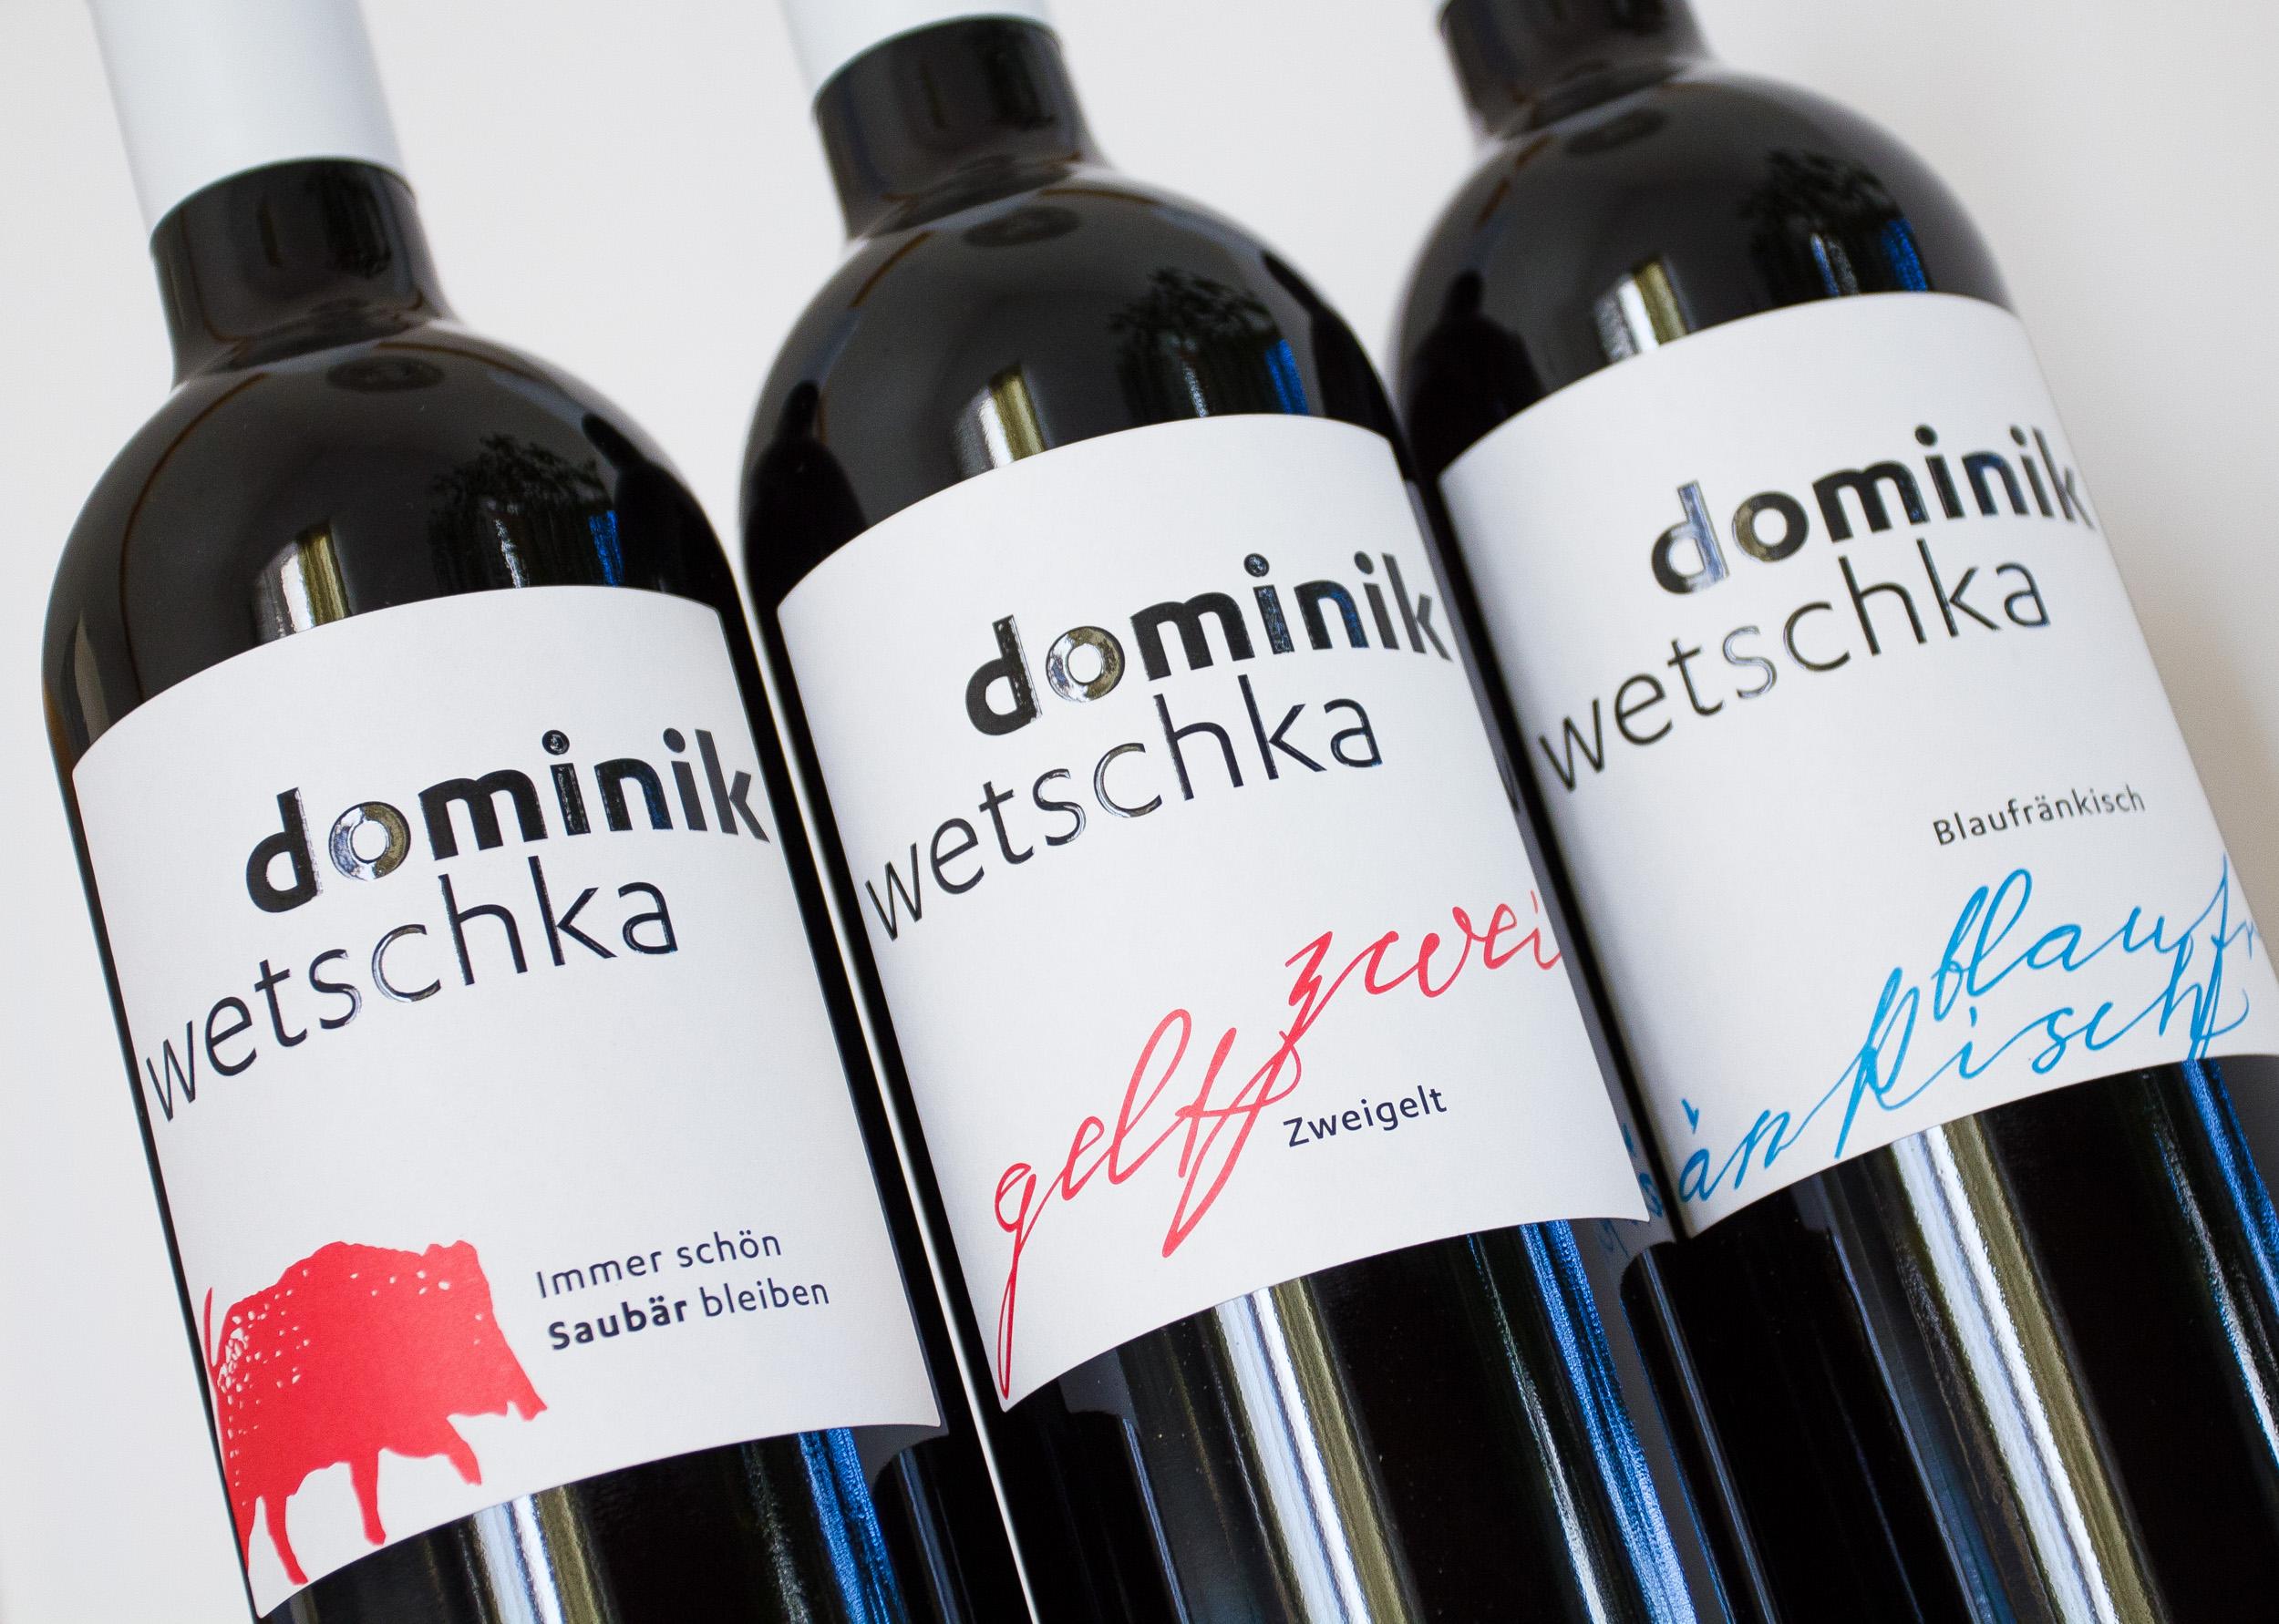 Vinařství Wetschka